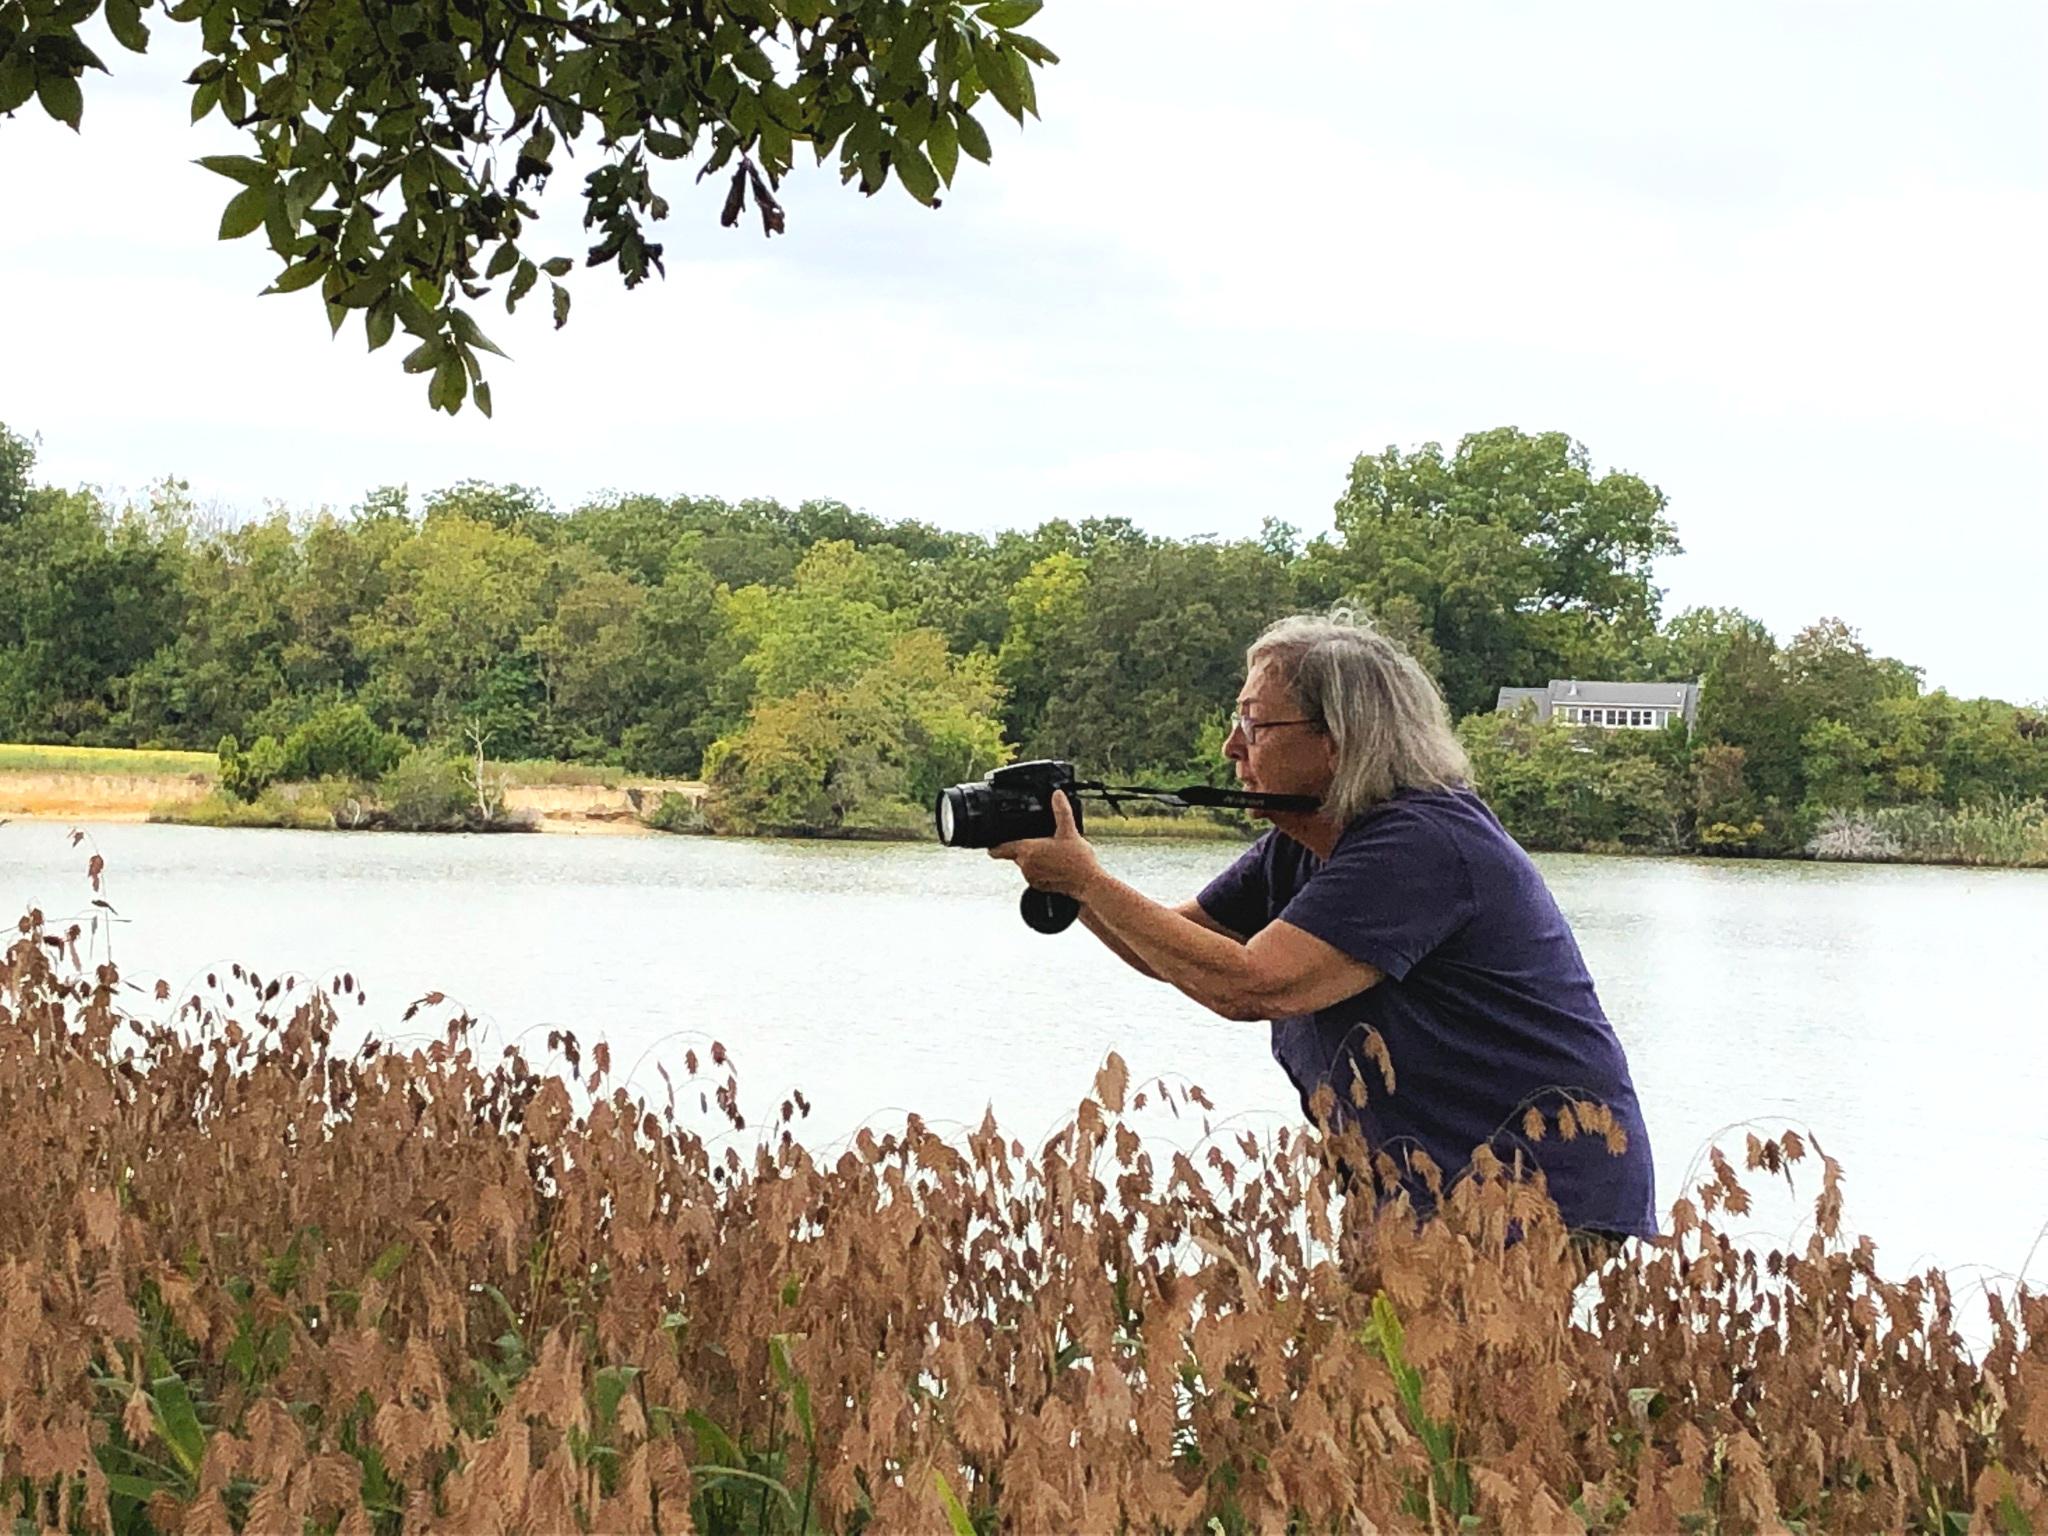 Erica+shooting+in+meadow.jpg